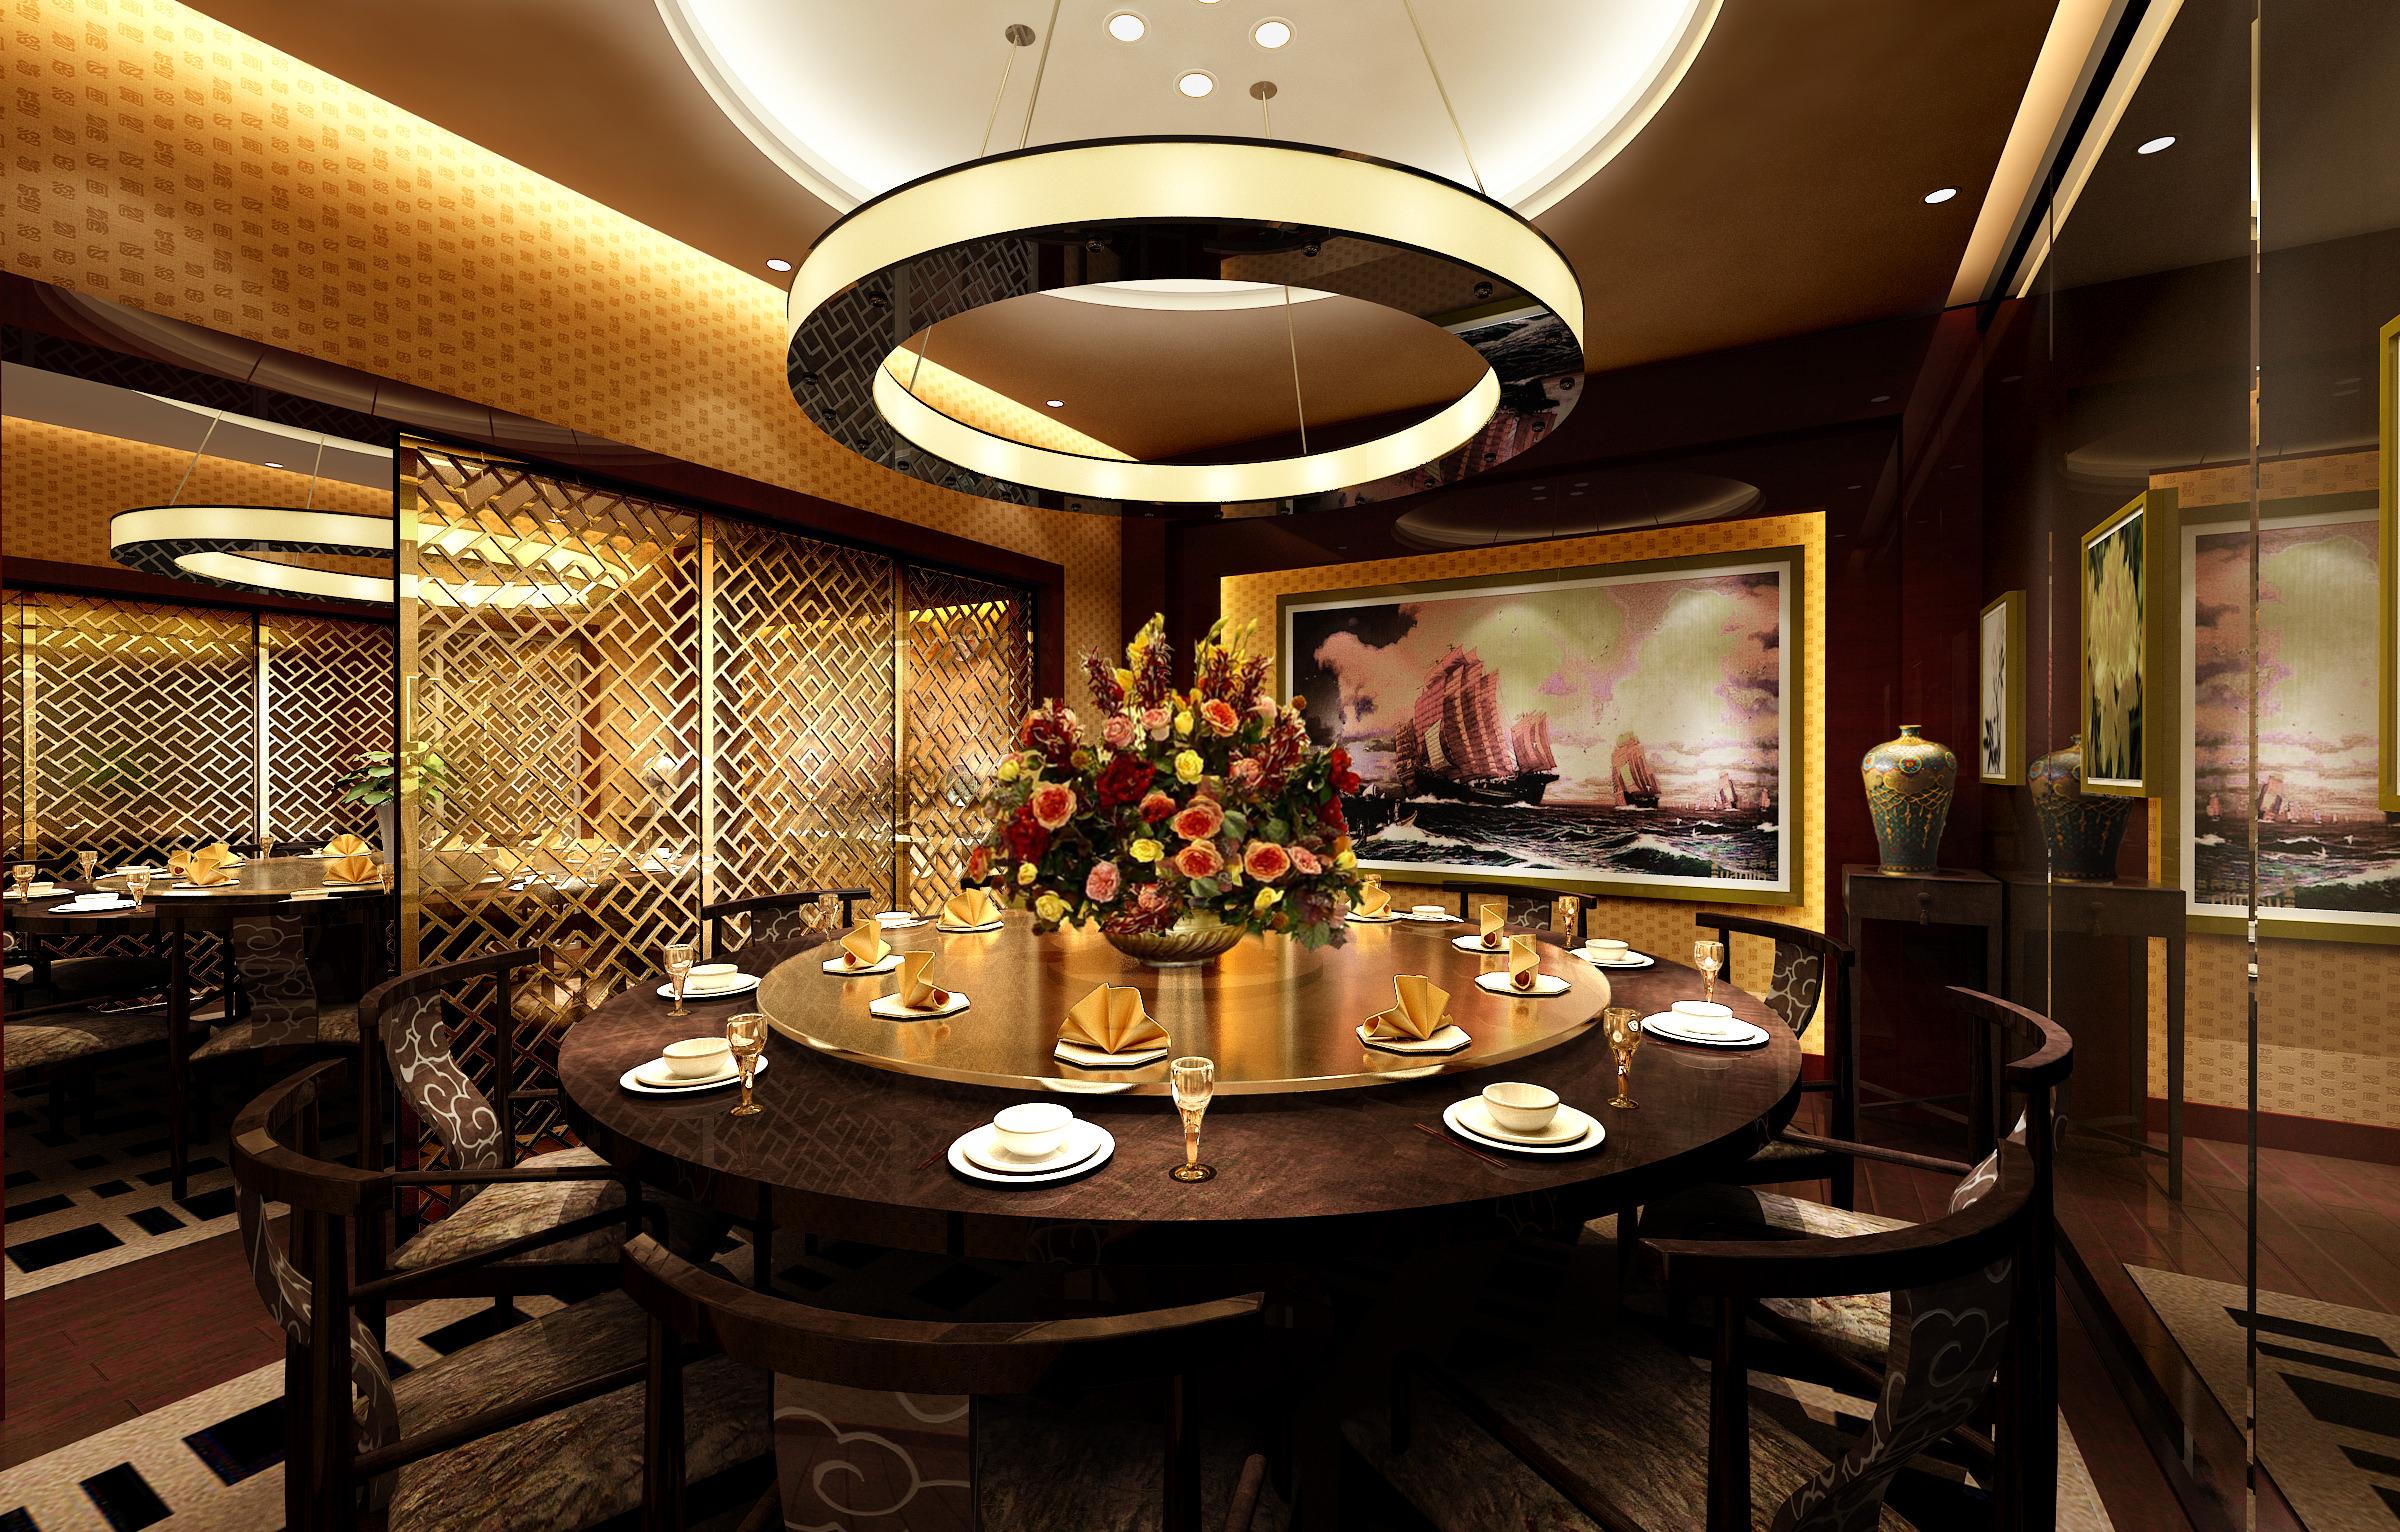 Restaurant Dining Room 3D Model MAX CGTrader Com